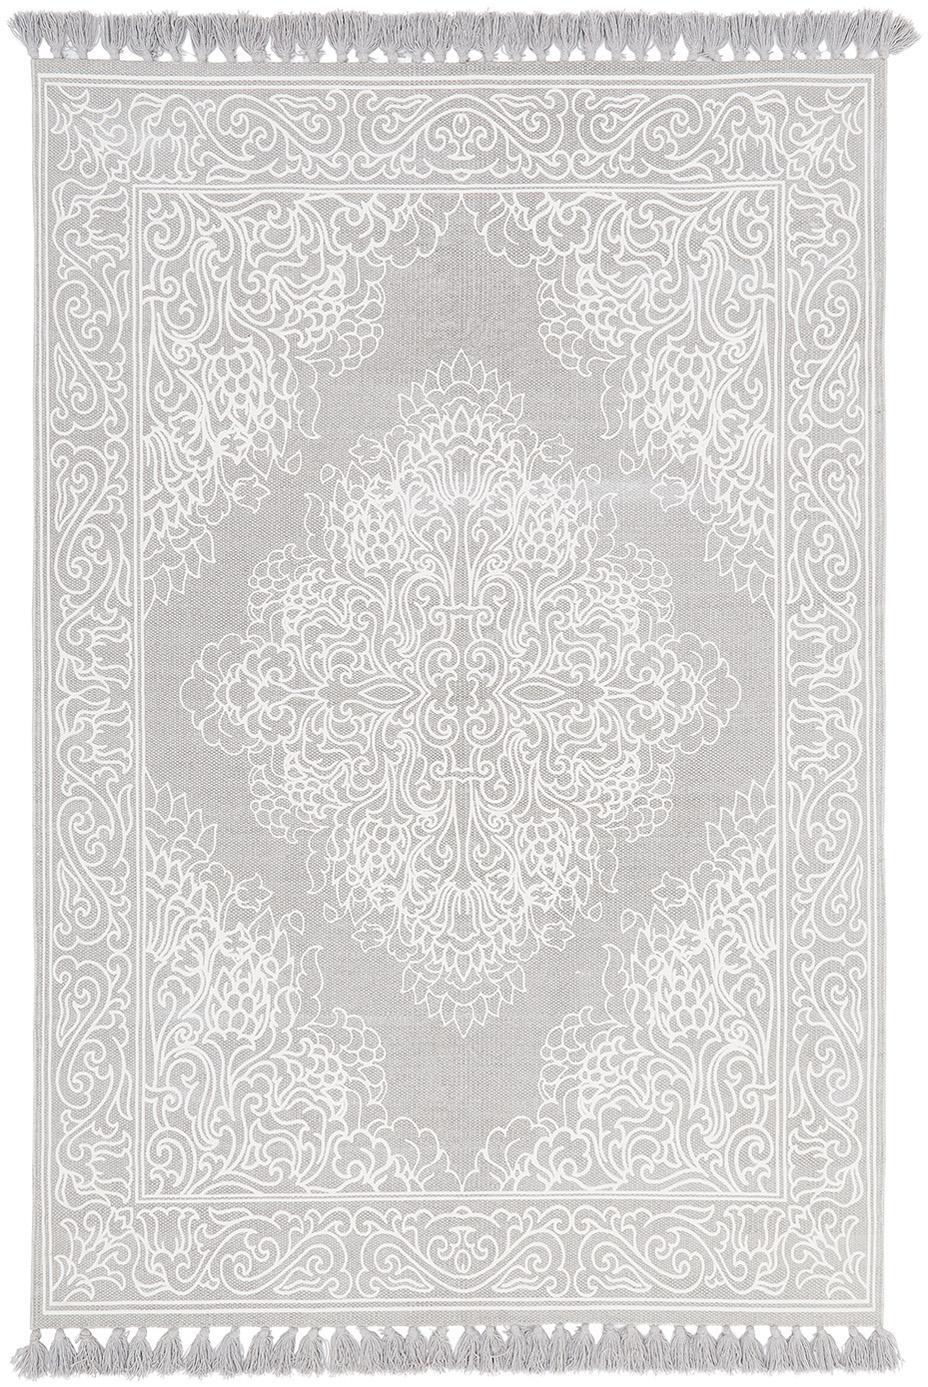 Alfombra artesanal de algodón con borlas Salima, 100%algodón, Gris claro, crema, An 50 x L 80 cm (Tamaño XXS)